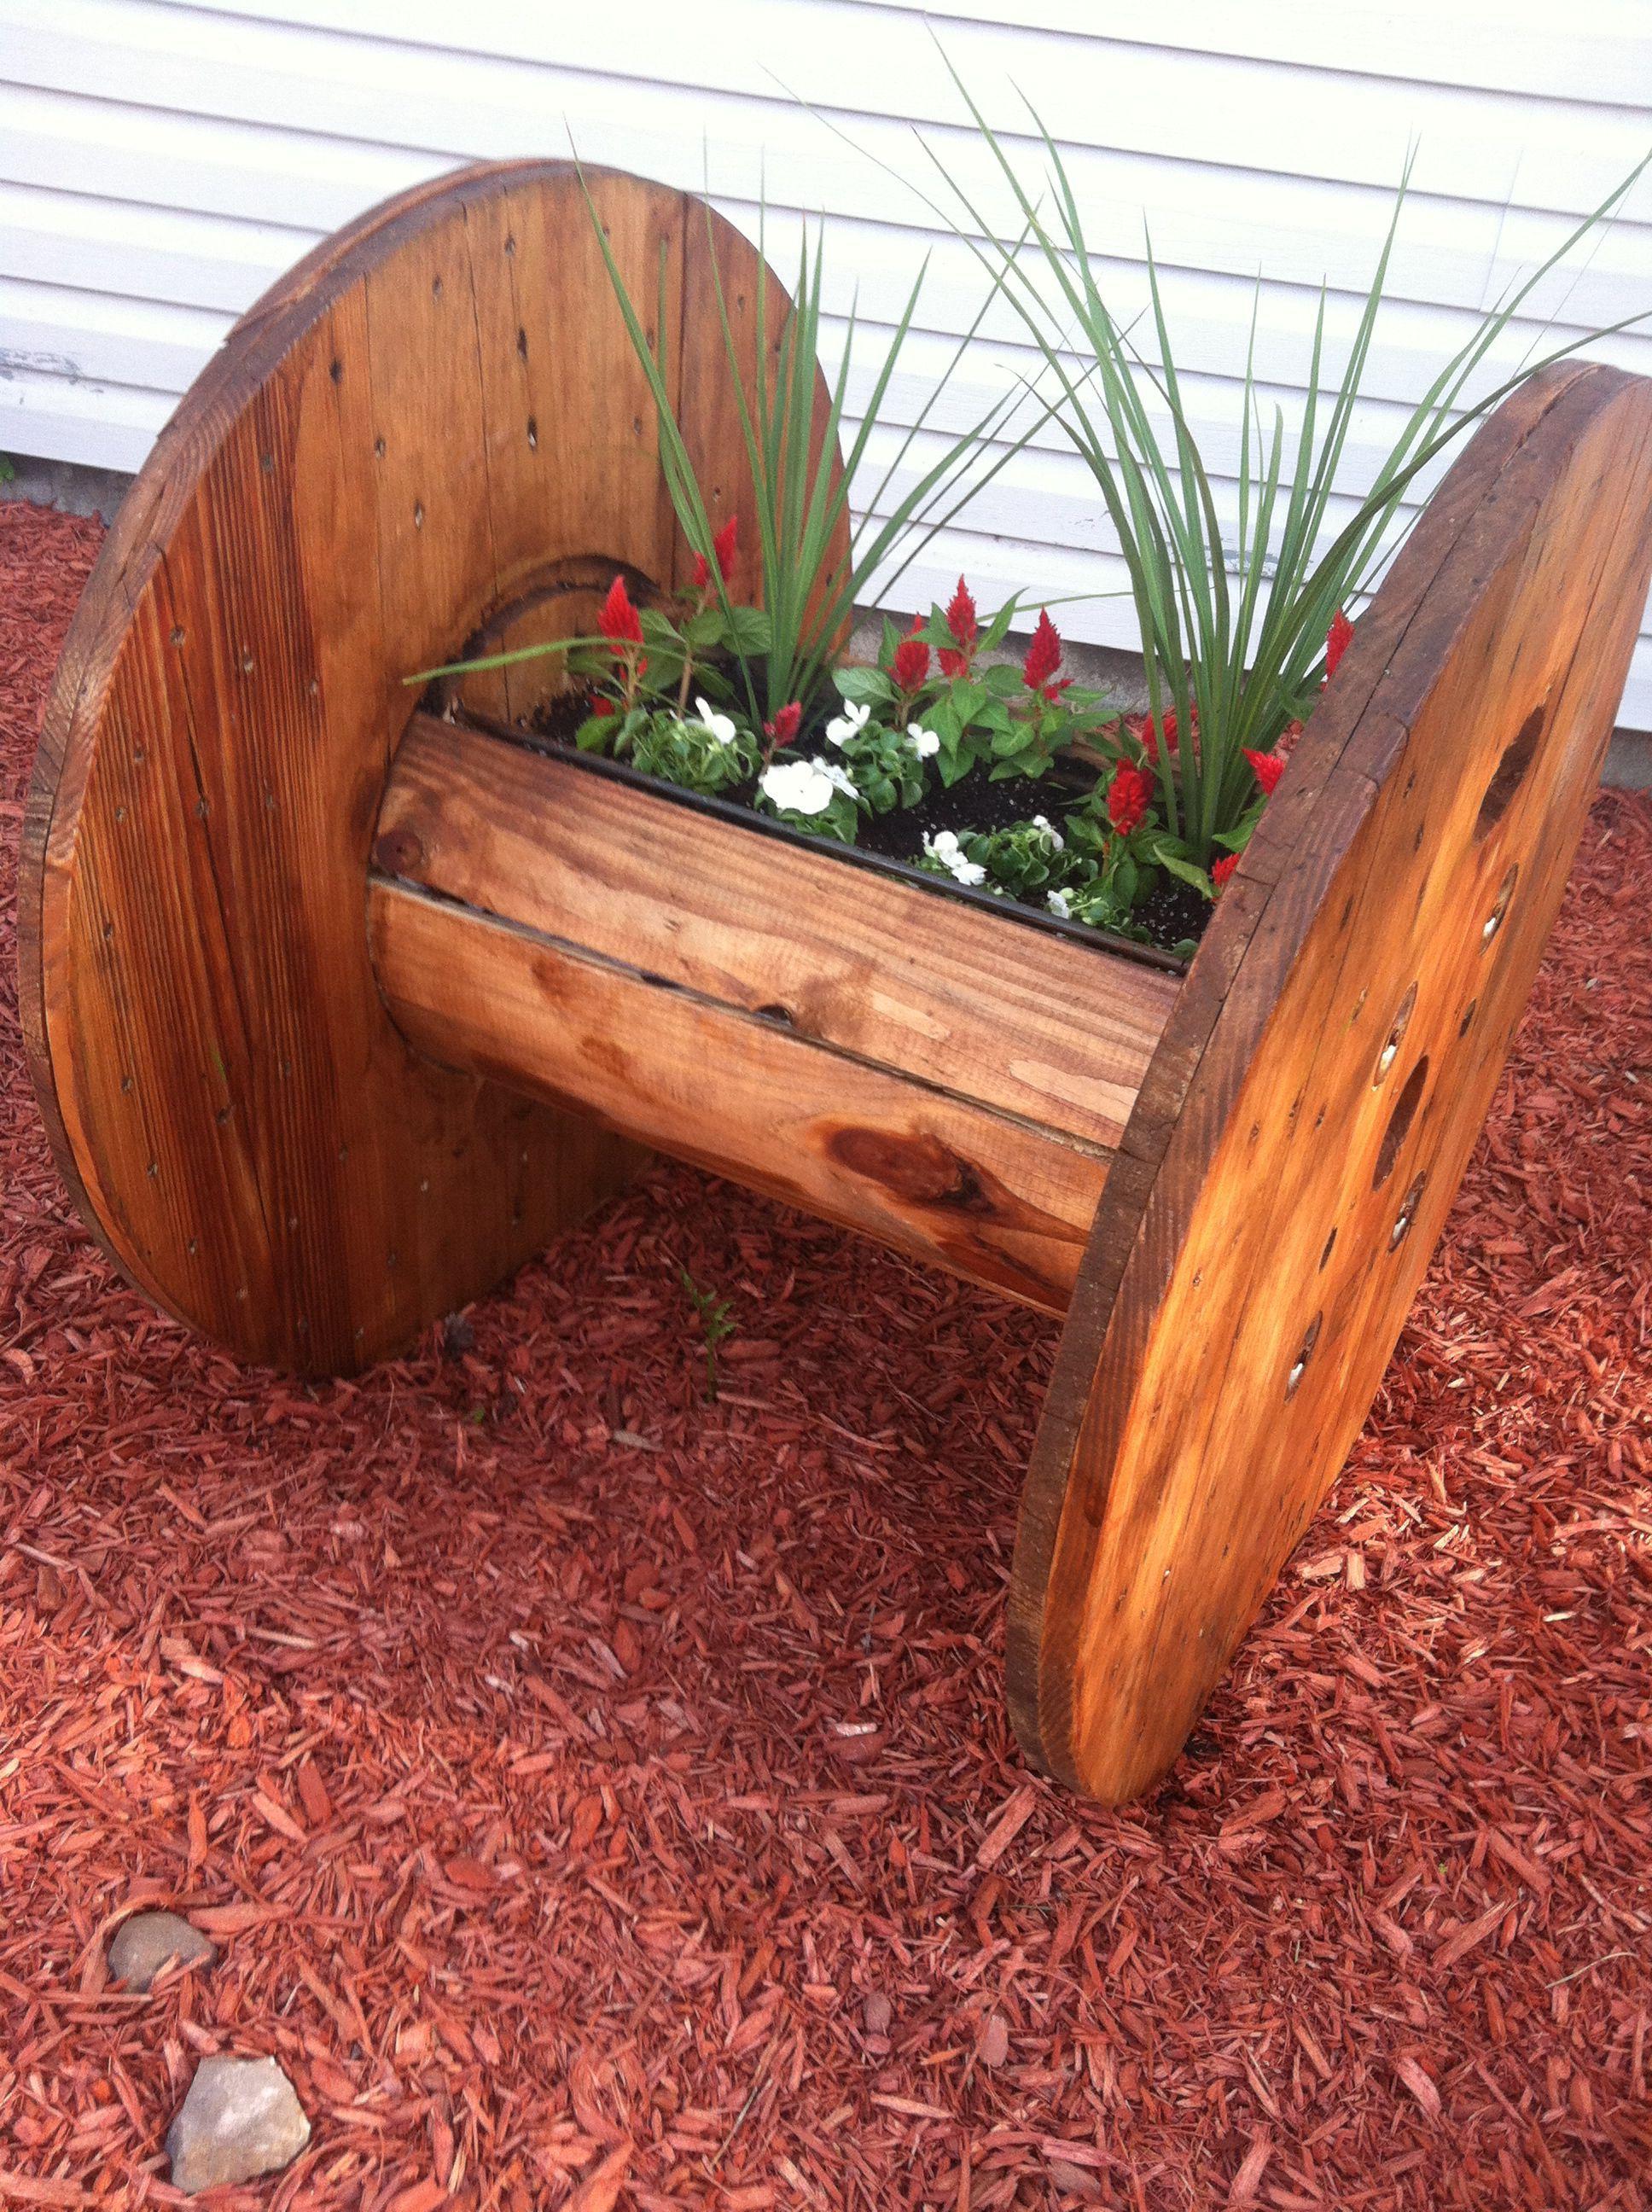 Cable Reel Planter I just finished. | Denenecek projeler | Pinterest ...